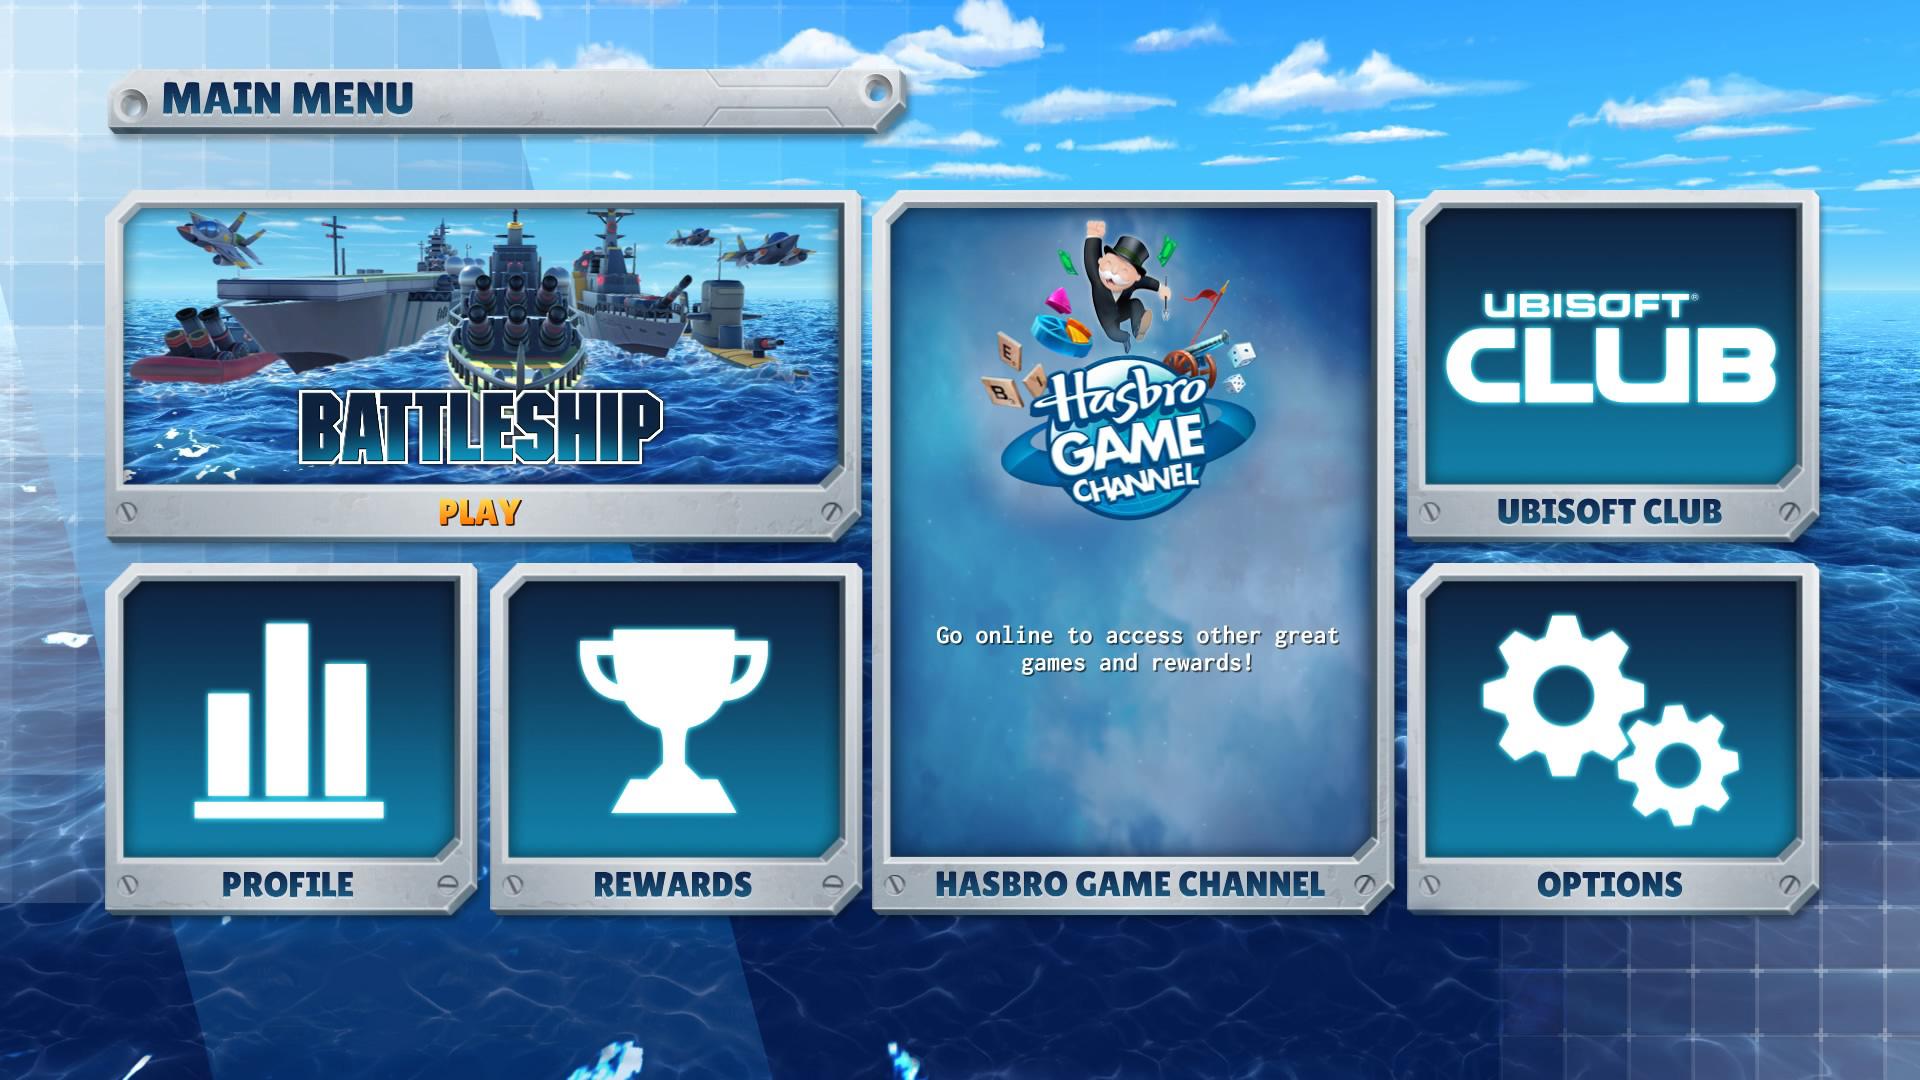 Ubisoft Offizielle Webseite - Flottenmanöver für Flottenmanöver Online